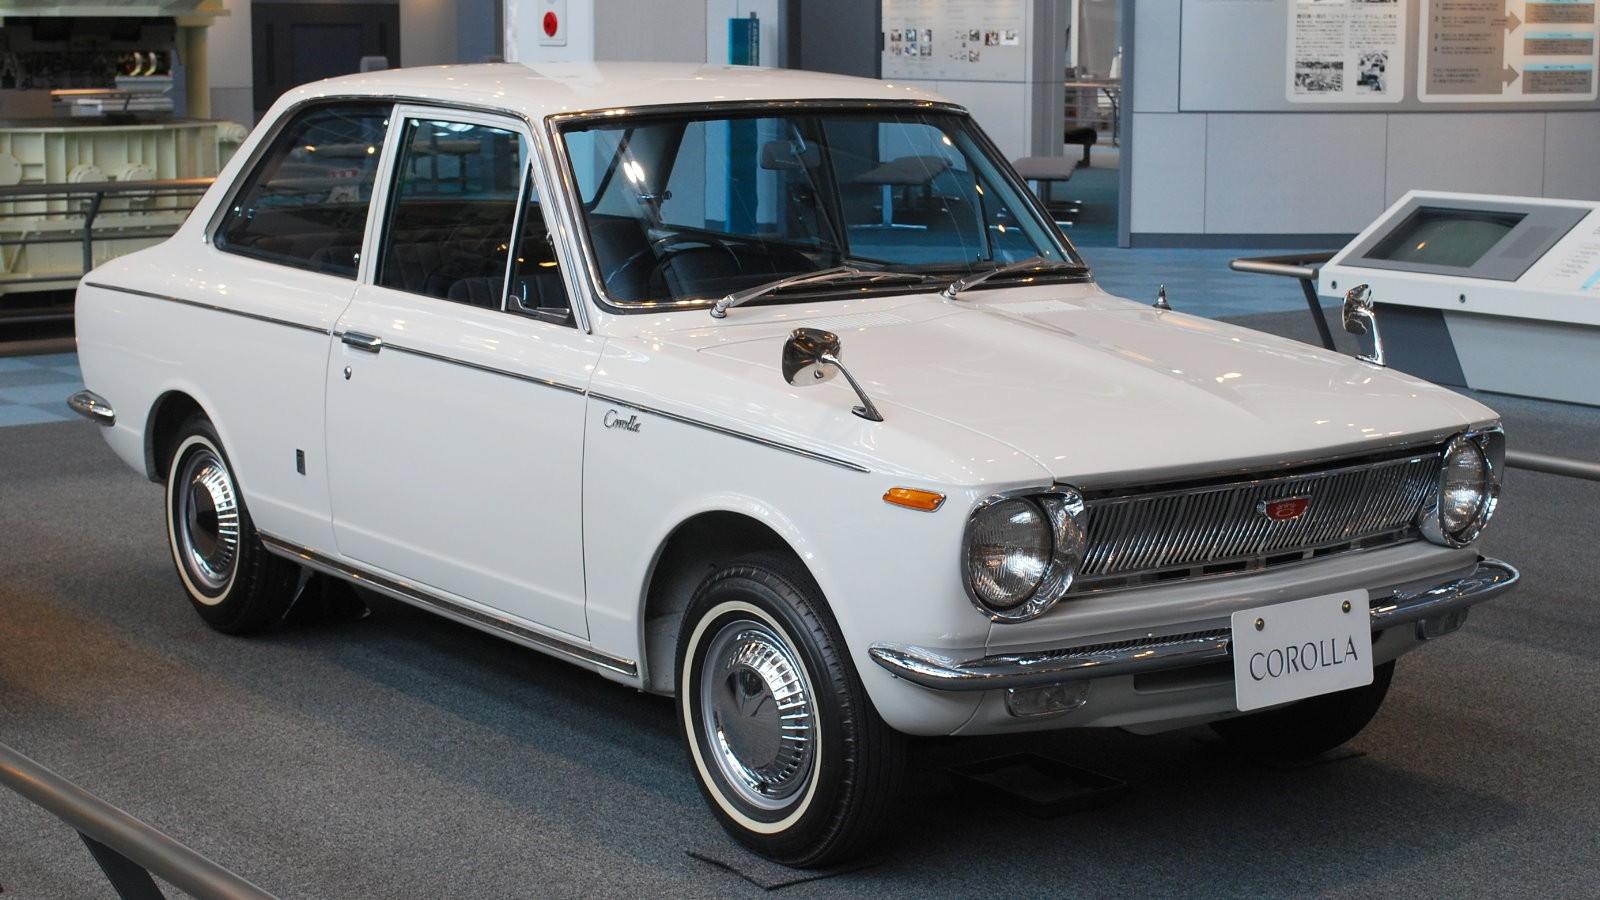 Тоёта Corolla отмечает 50-летний юбилей